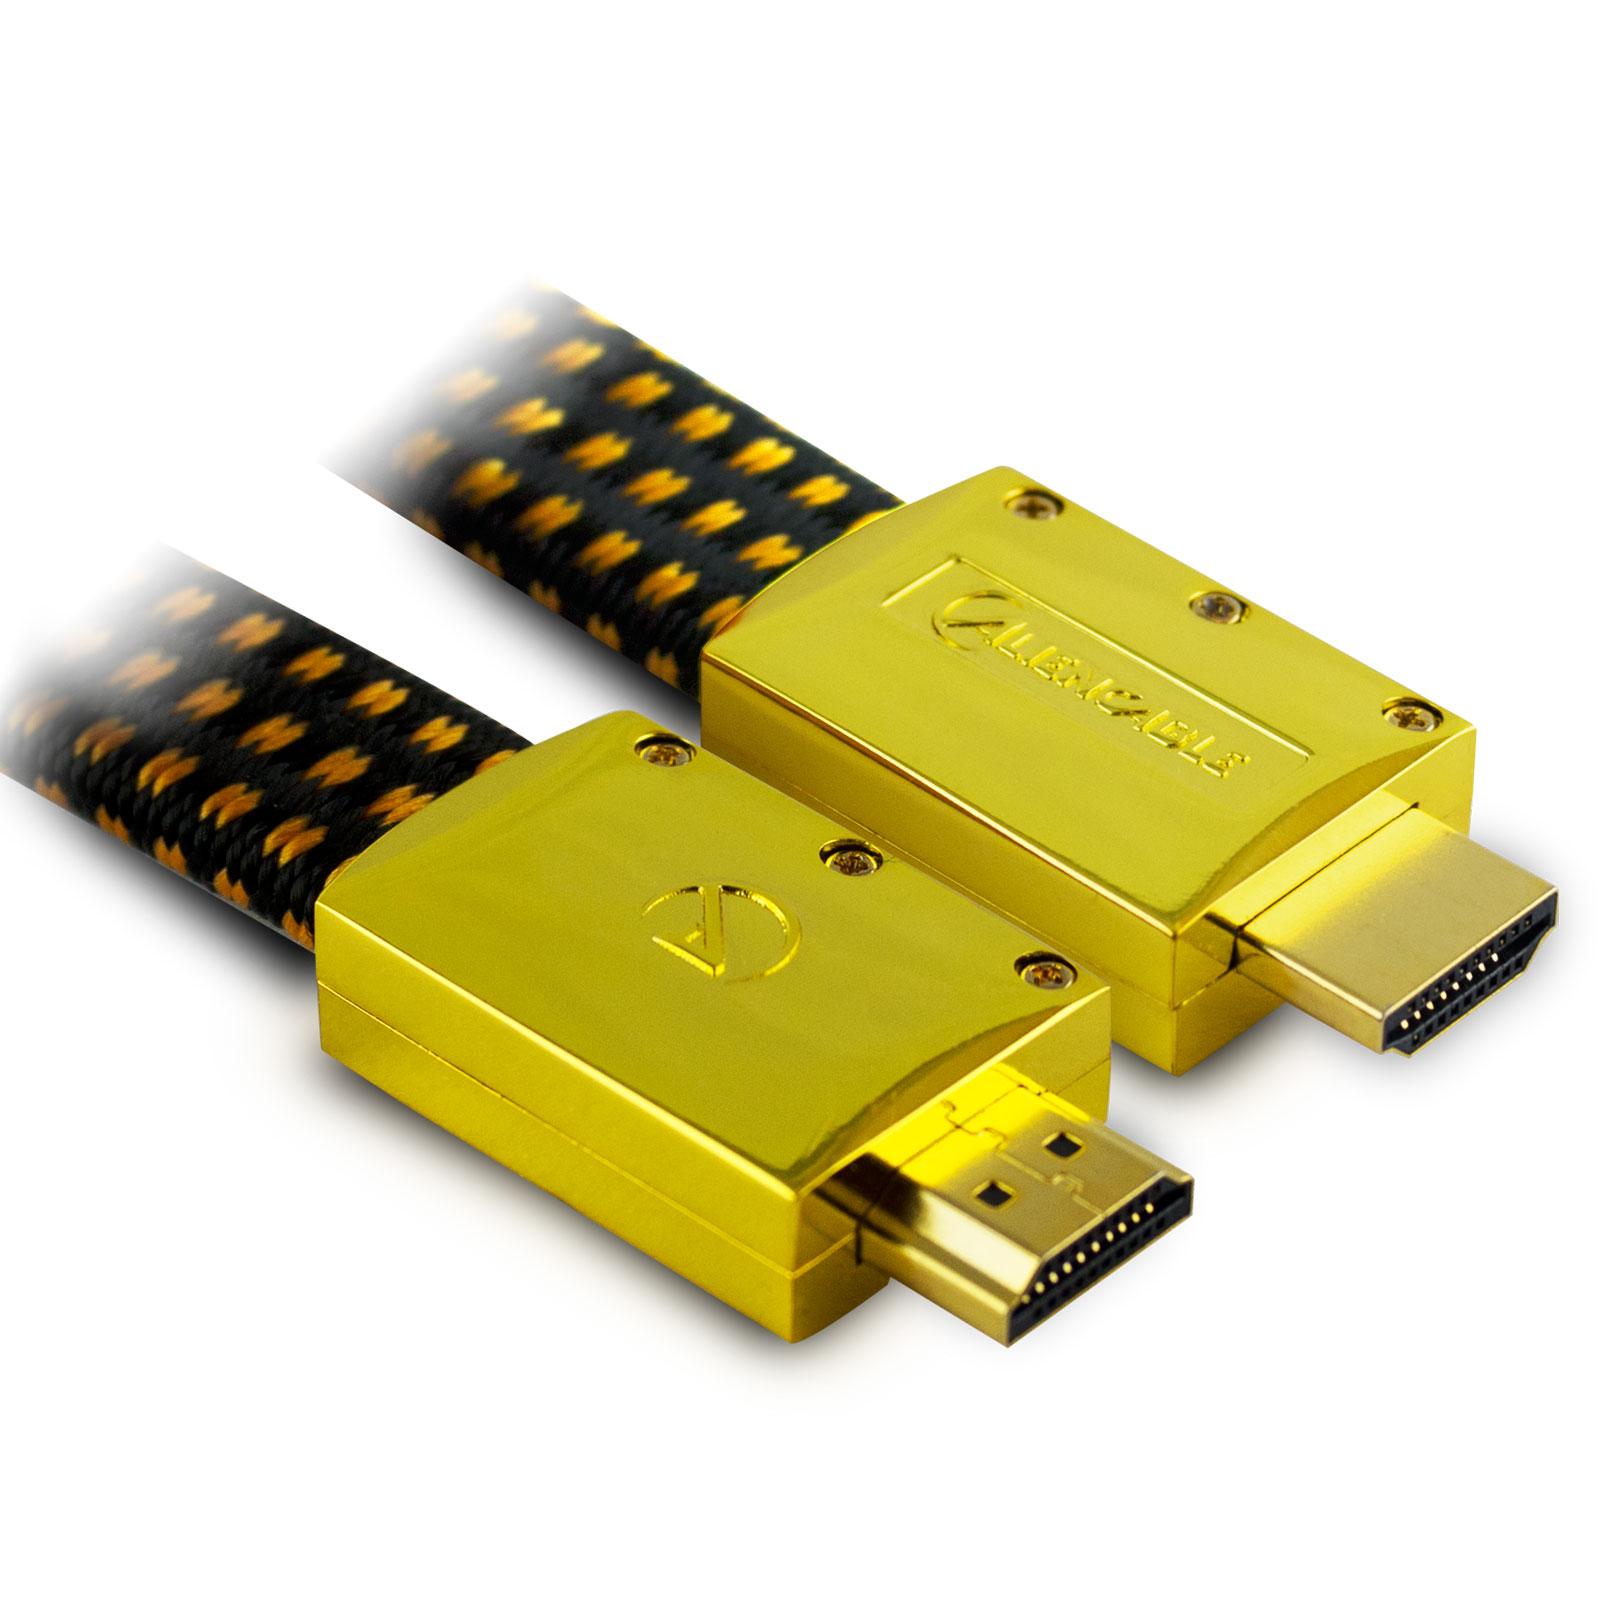 HDMI Aliencable ExtremeSeries (1 m) Câble HDMI 2.0 à hautes performance compatible 3D, Full HD (1080p) et UltraHD 4K (2160p)